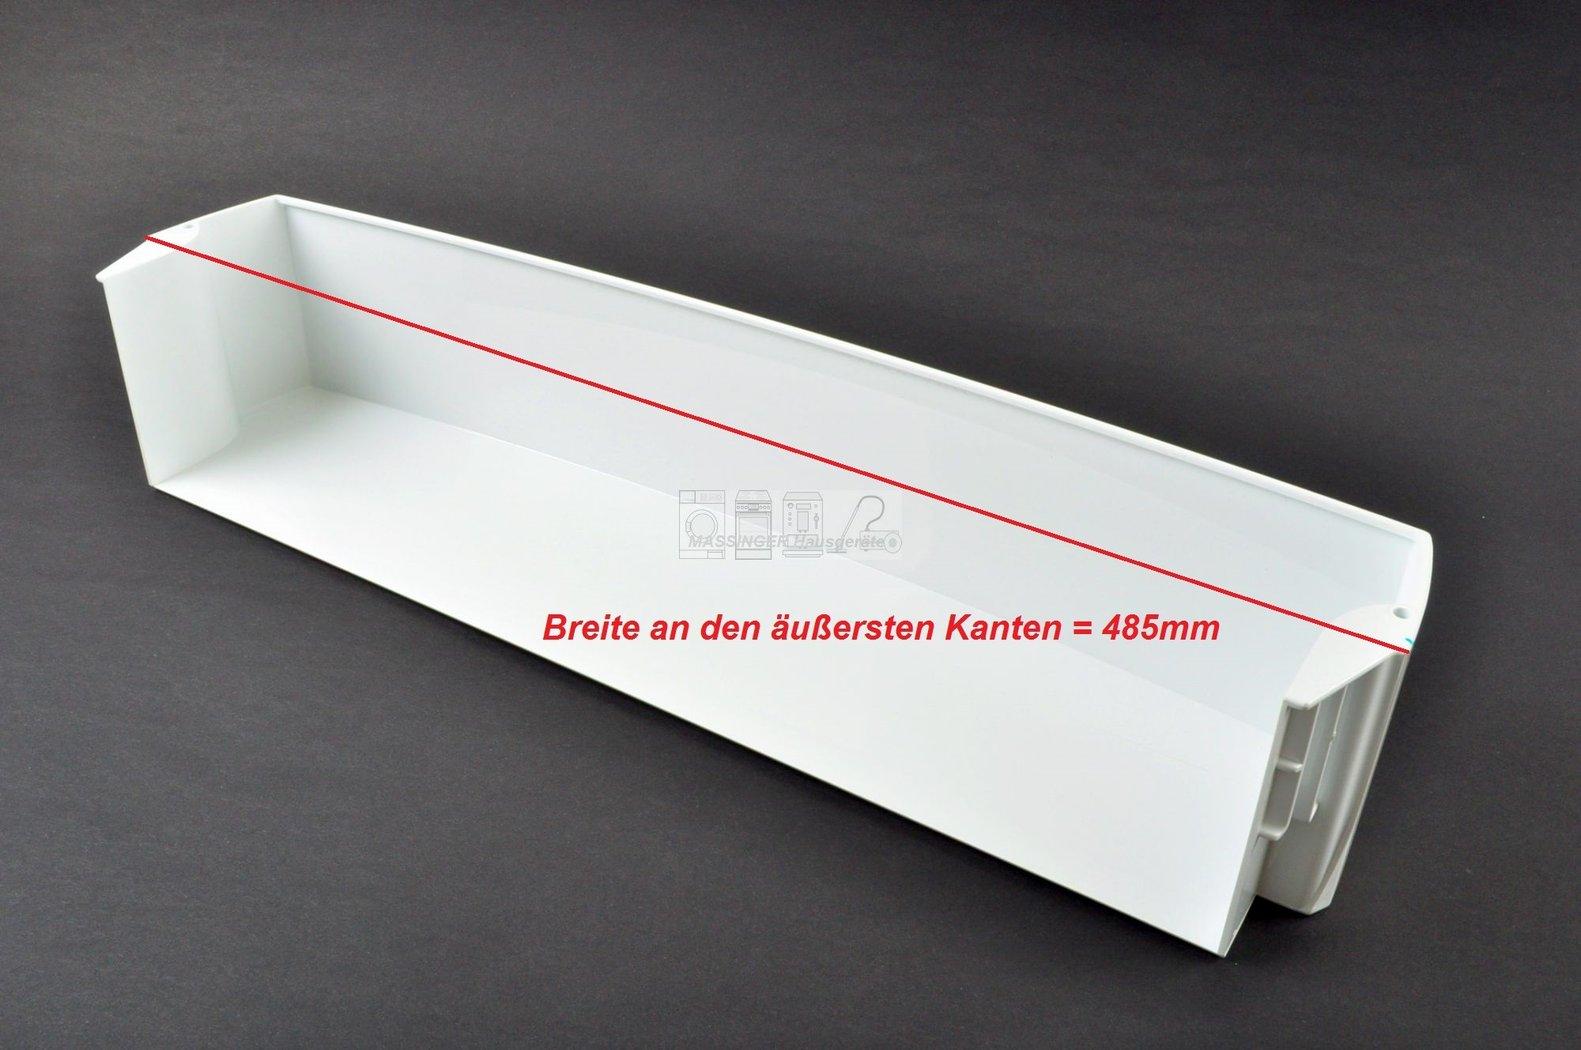 Aeg Kühlschrank Ersatzteile Santo : Aeg kühlschrank ersatzteile schublade aeg kühlschrank